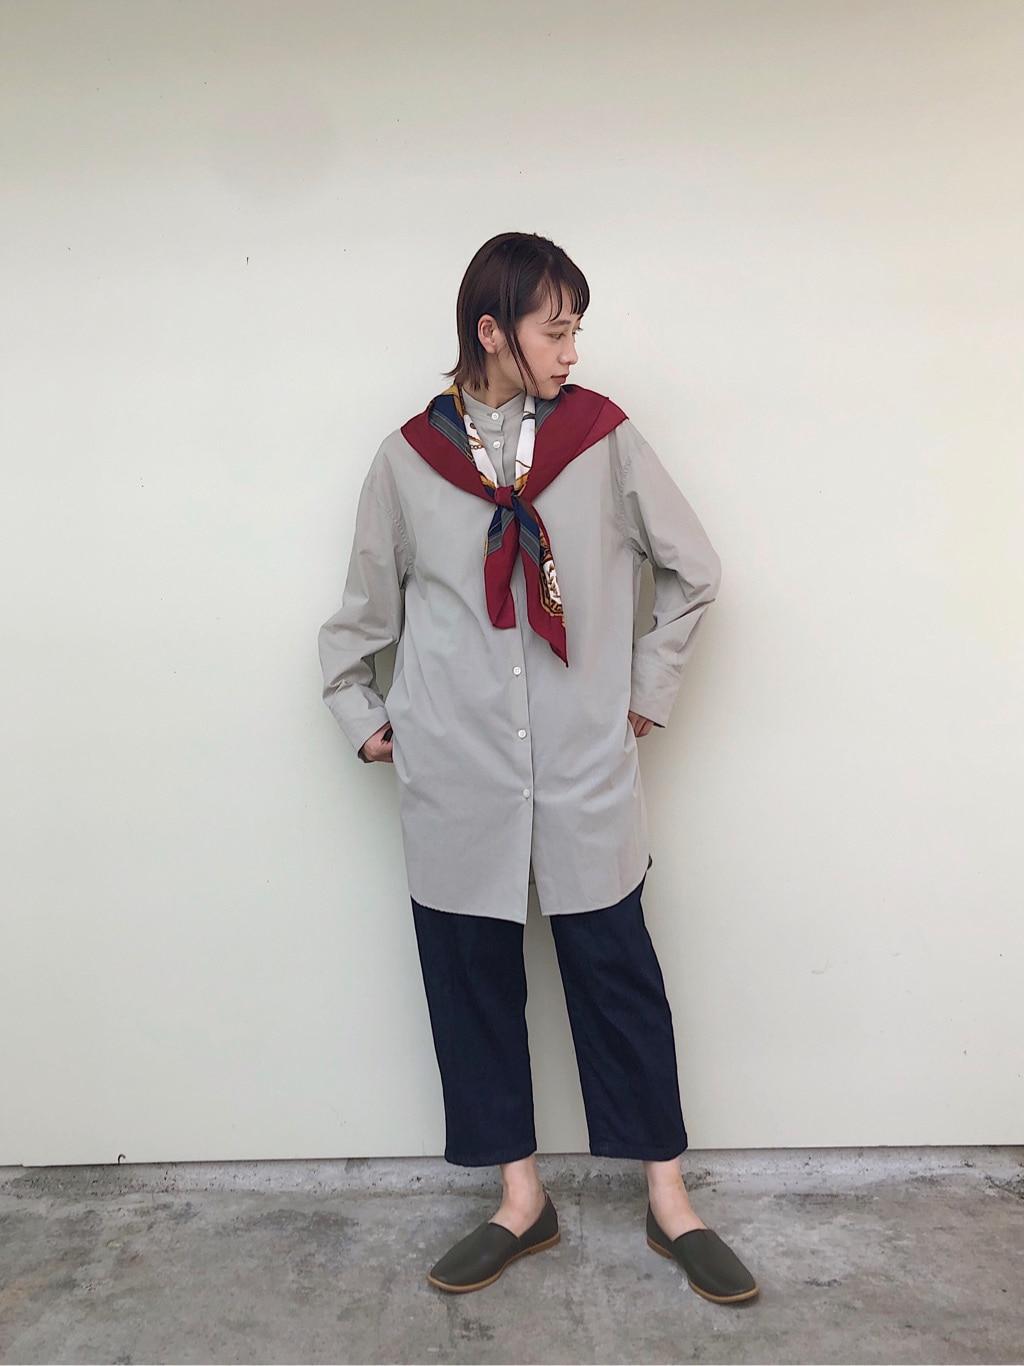 福岡薬院路面 2020.09.09